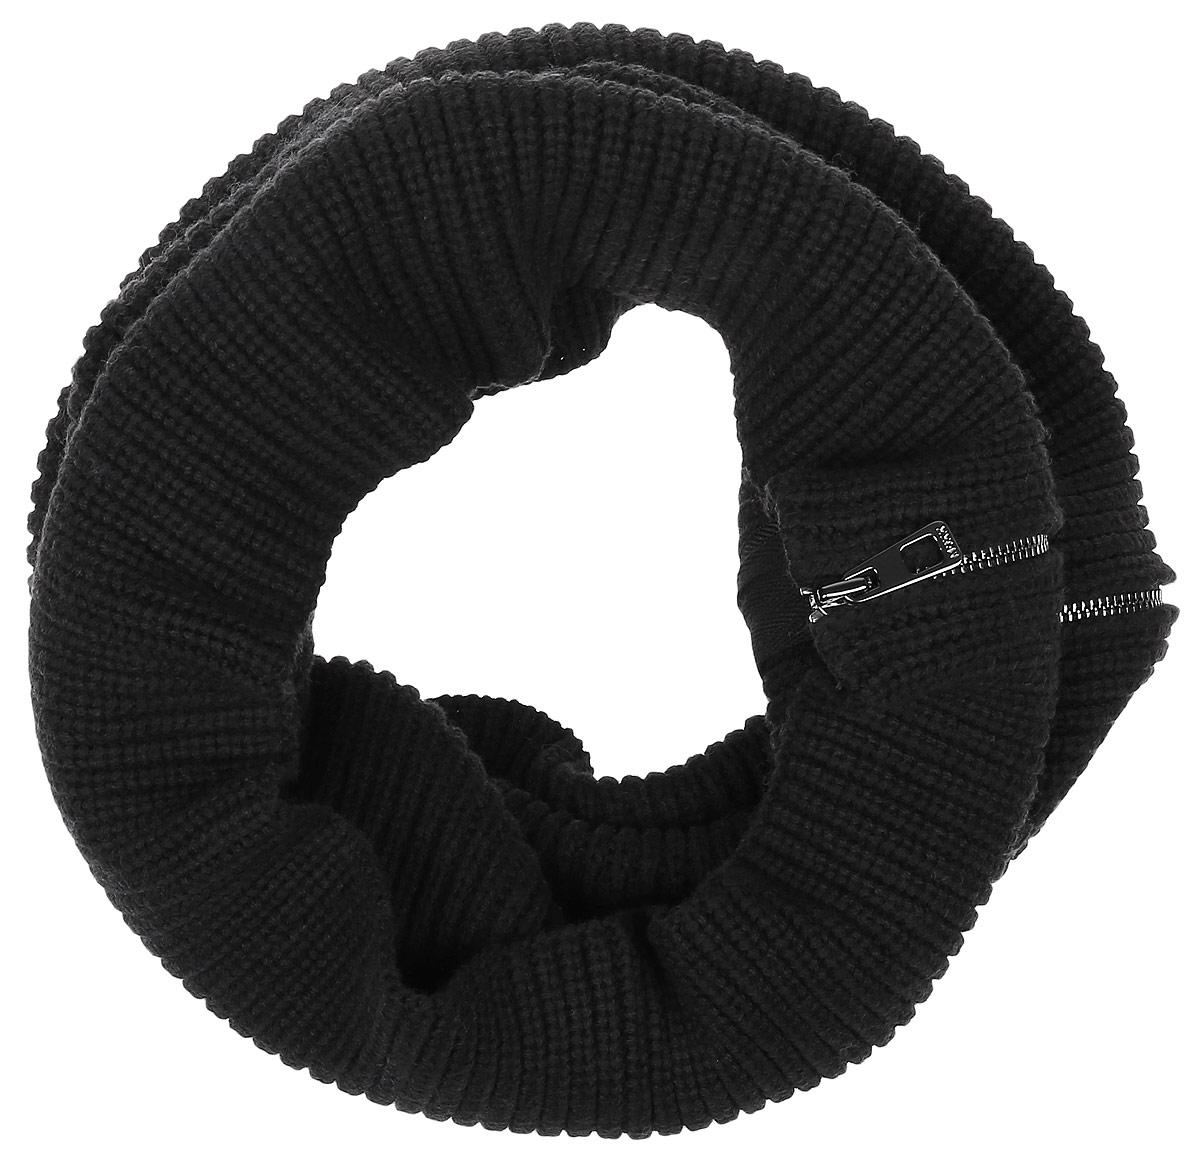 MX3024350_WM_SCR_008_001Женский вязаный снуд-хомут Mexx выполнен из сочетания высококачественных материалов хлопка и теплой шерсти. Модель выполнена в лаконичном стиле имеет застежку-молнию по всей длине и дополнена металлической пластиной с названием бренда. Изделие мягко драпируется и красиво распределяется в области шеи.